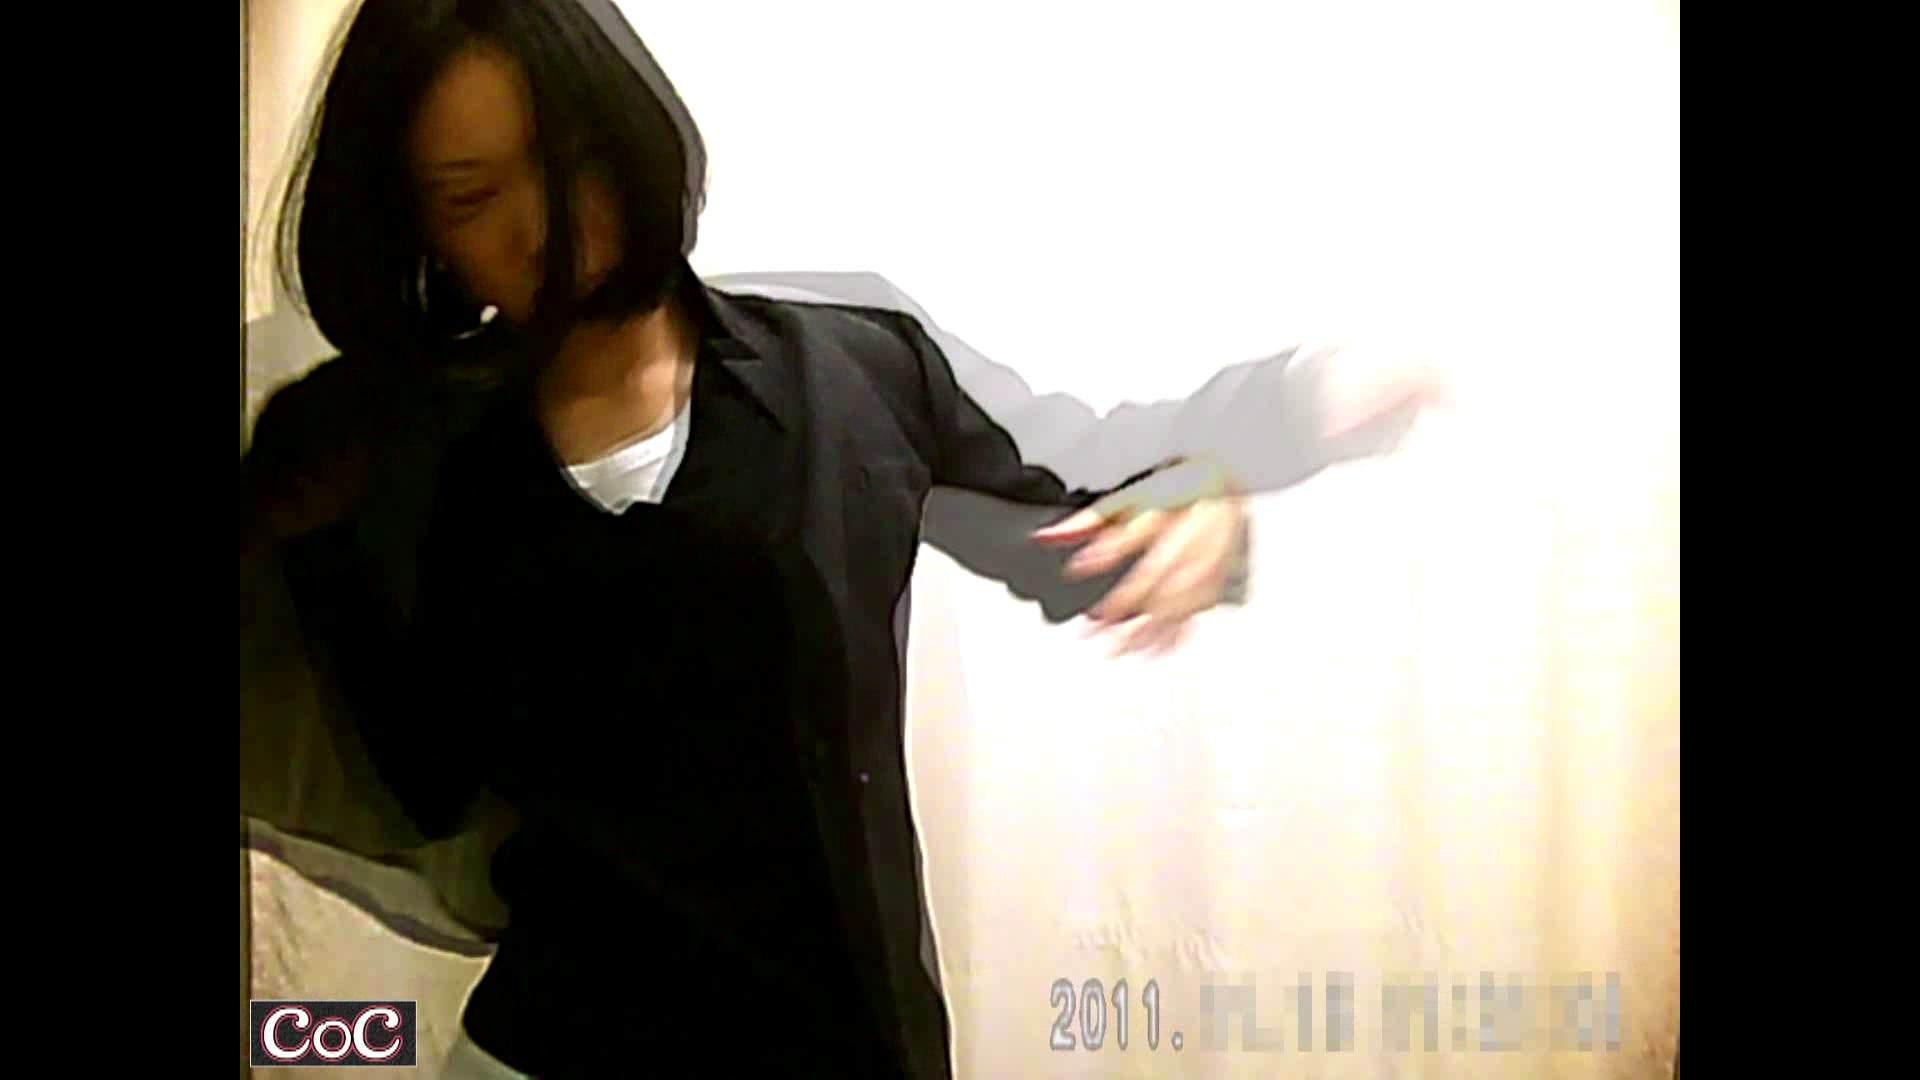 病院おもいっきり着替え! vol.91 巨乳 隠し撮りオマンコ動画紹介 91pic 54